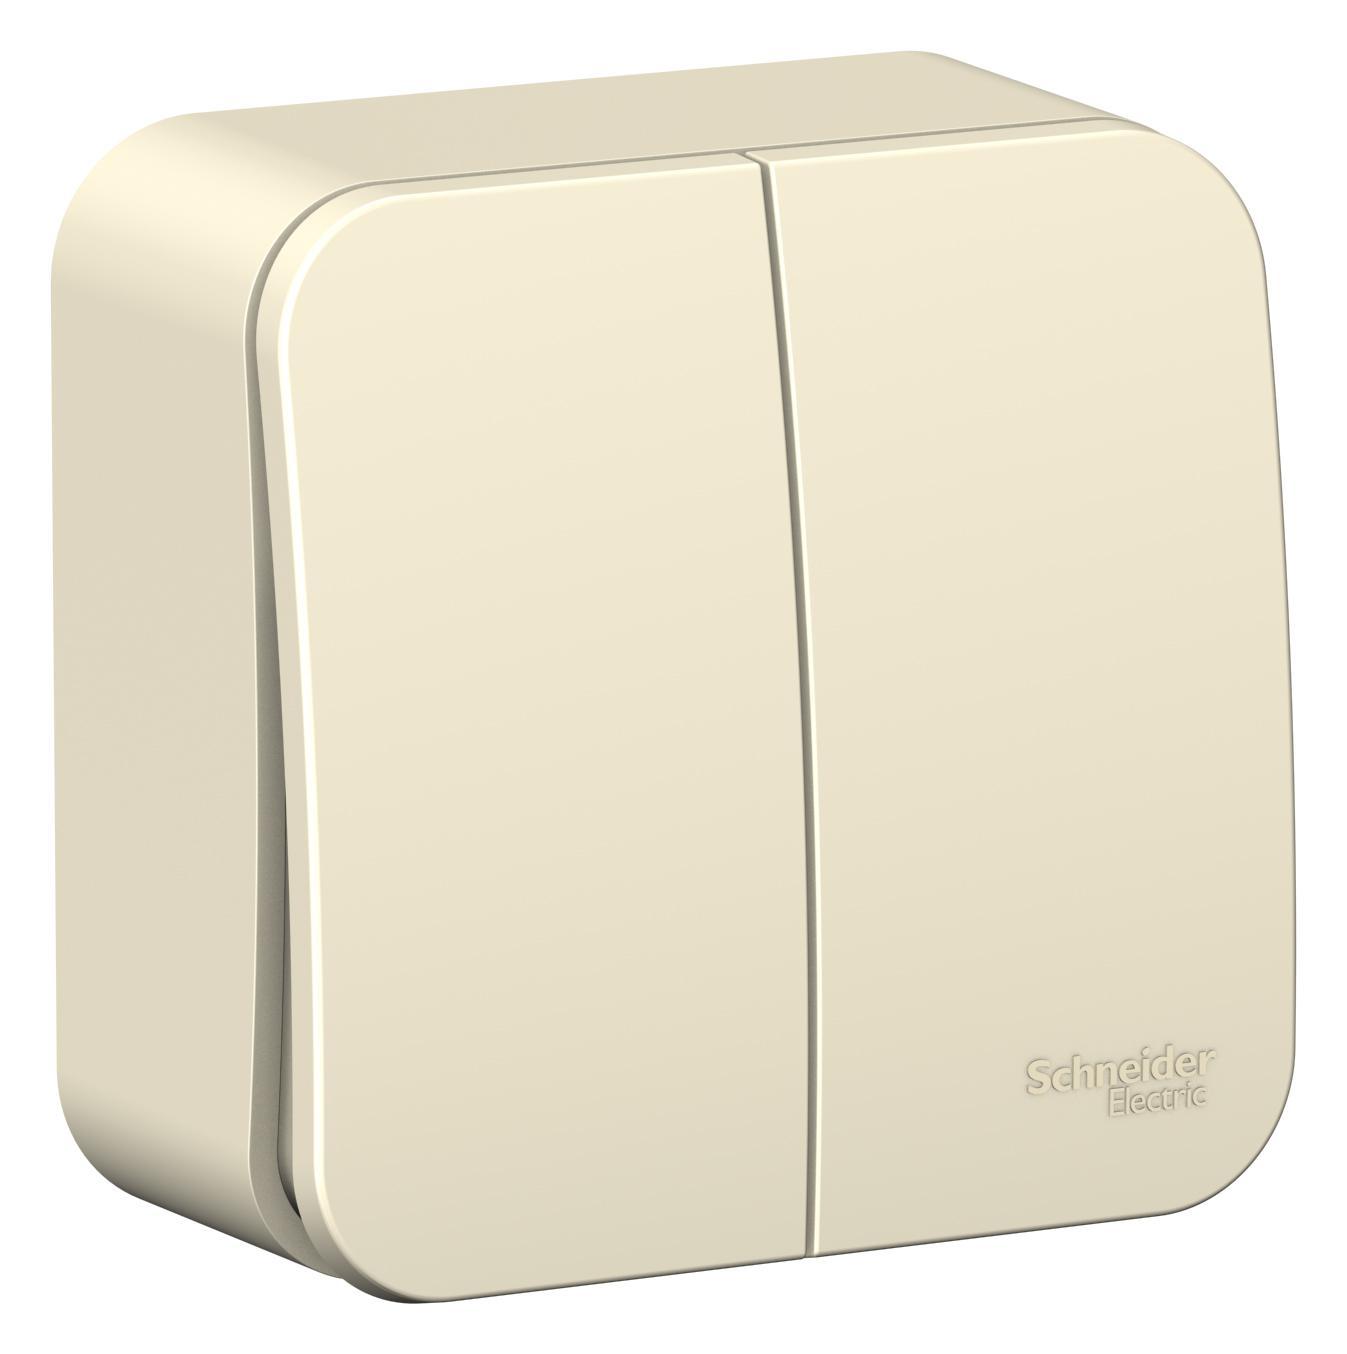 Выключатель Schneider electric Blnva105002 blanca выключатель schneider electric blnva101013 blanca